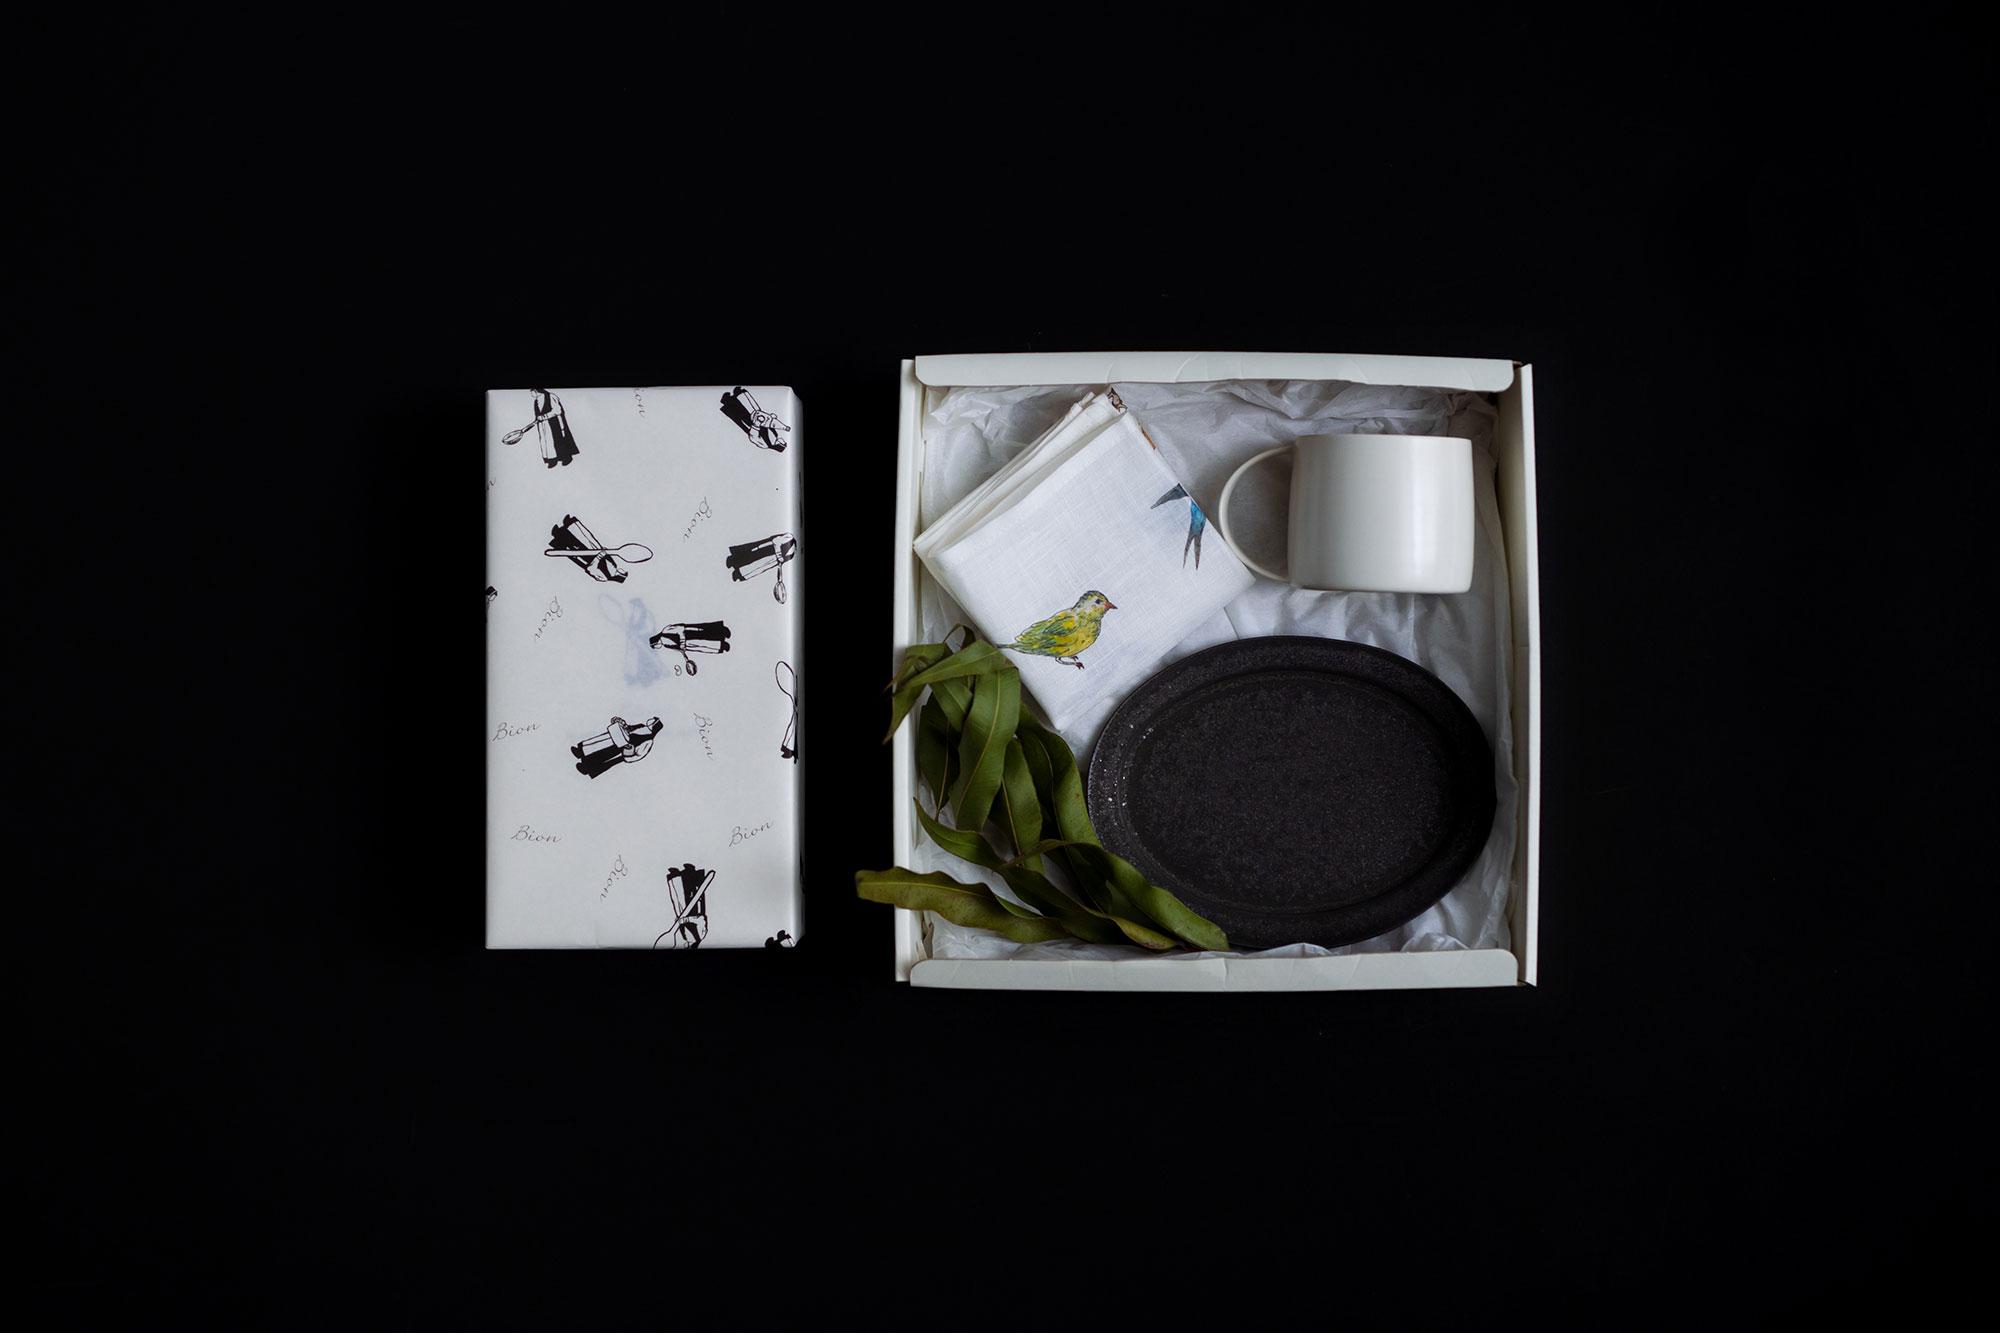 【完売しました。/12月8日販売開始】Bion クリスマスBOX A(Bion シュトレン / 石川隆児 器 / isabelle boinot ハンカチ)